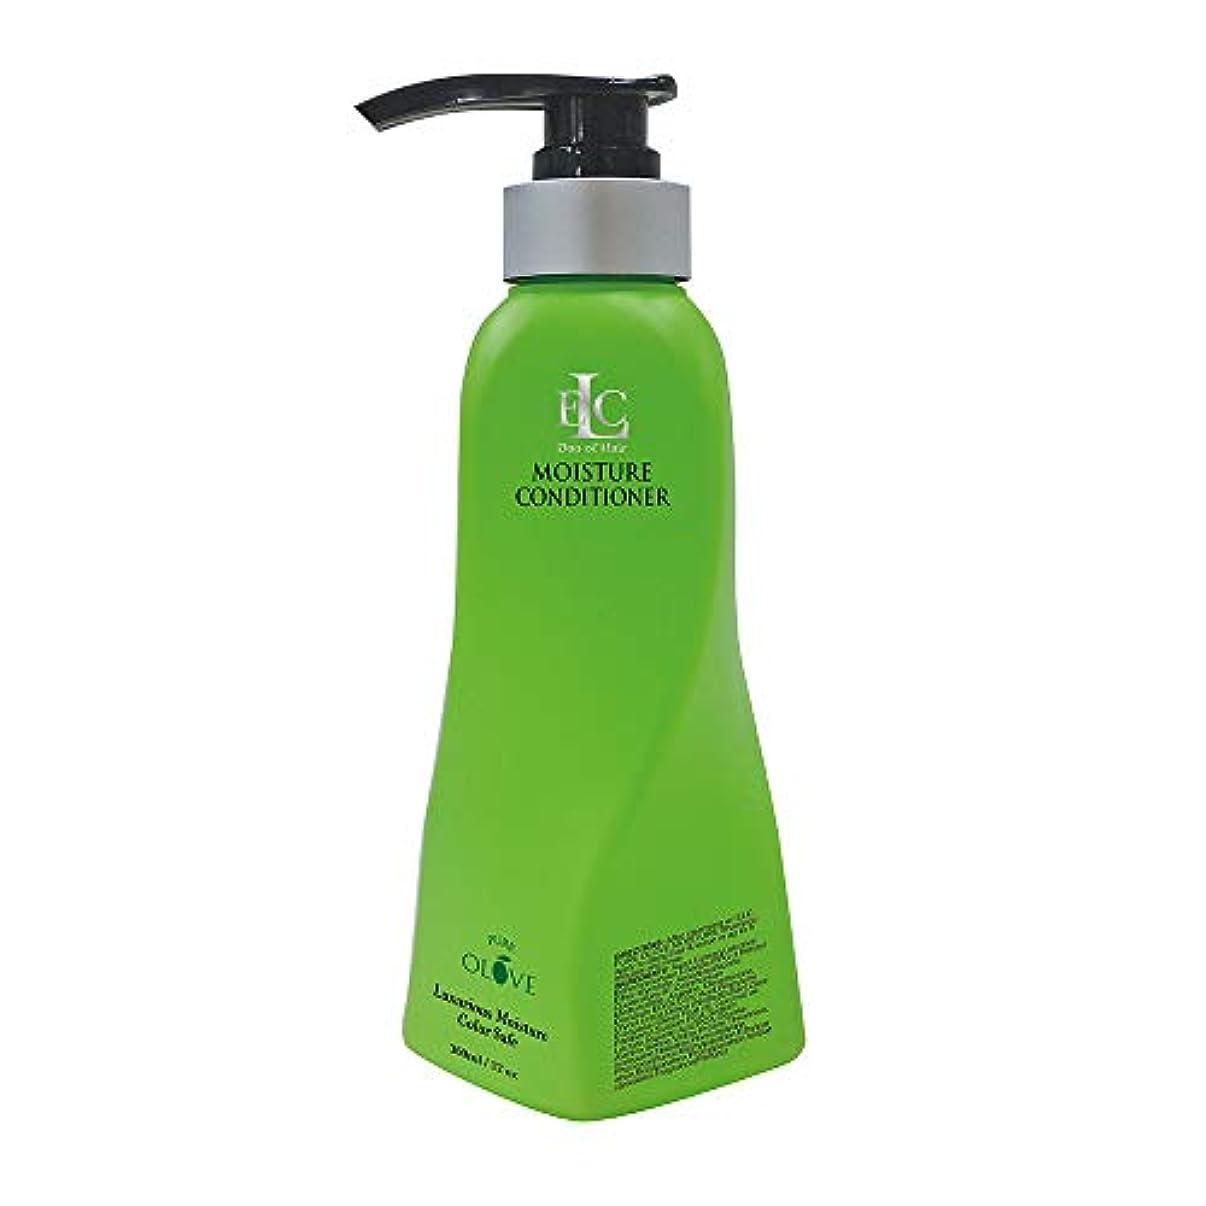 ロケットベスビオ山アーネストシャクルトンELC Dao of Hair ELCピュアOloveモイスチャライジングコンディショナー - モイスチャーリッチナチュラルボタニカル&有機油は、栄養を与え、修理、強化、ドライ髪を再水和 12オンス